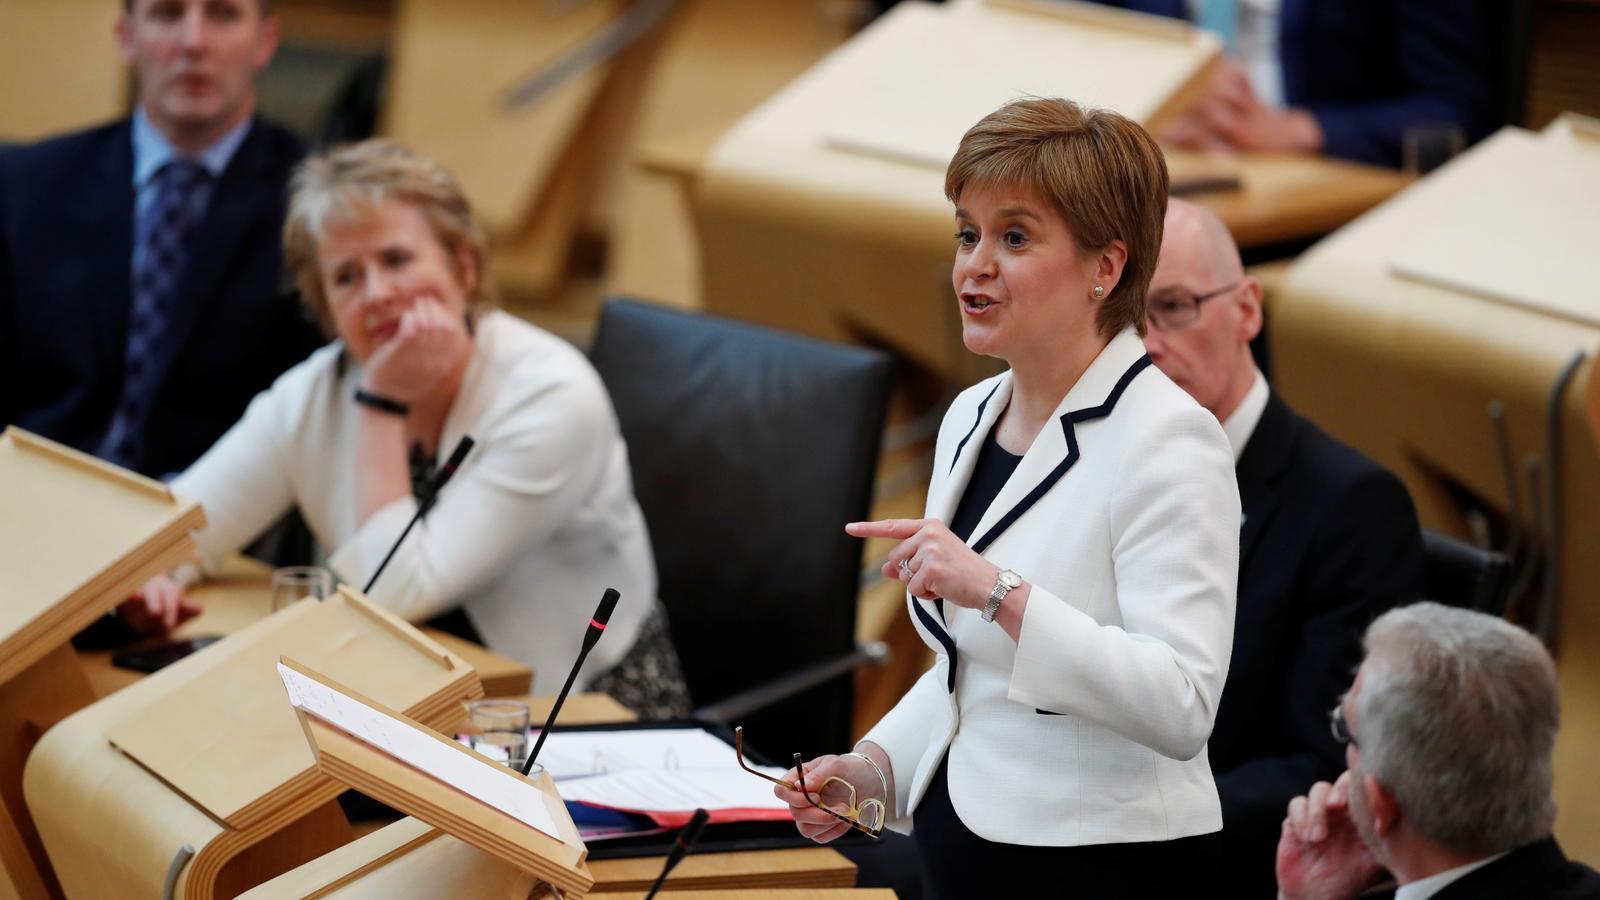 Nicola Sturgeon vol fer el segon referèndum d'independència d'Escòcia abans del maig del 2021